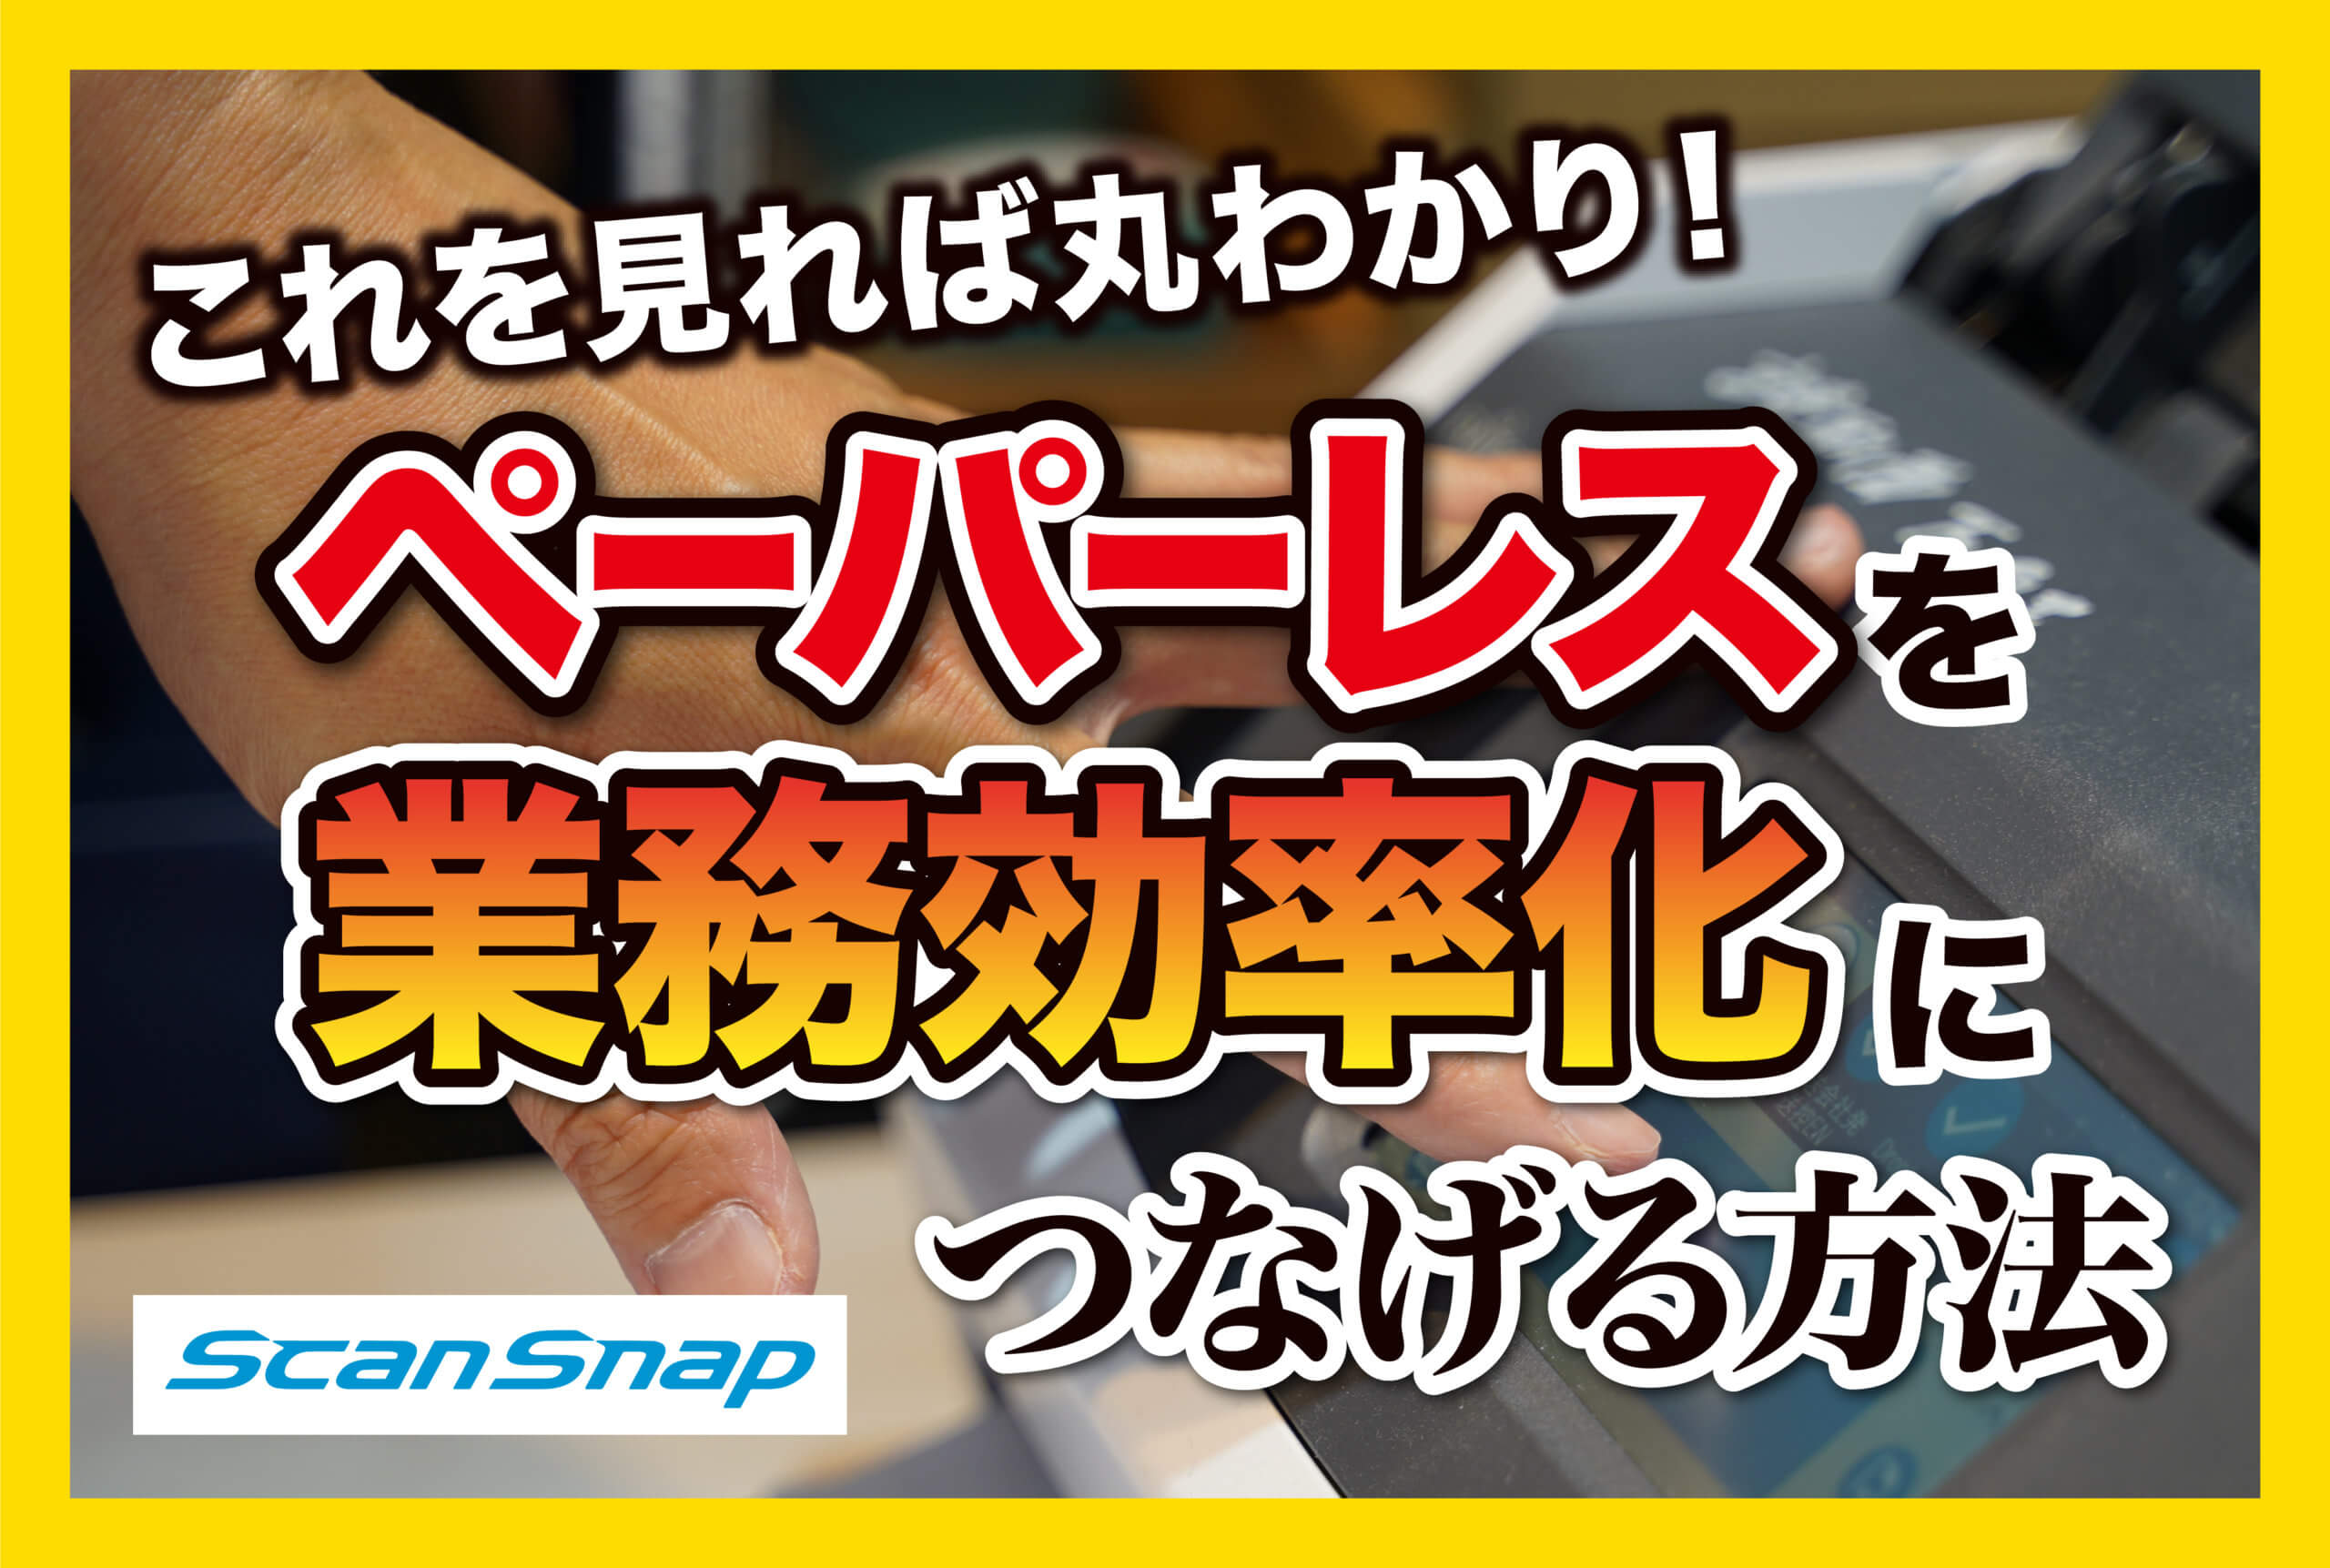 【食品】ペーパーレス化をScanSnapで!紙資料をデータ化して情報共有をもっと簡単に